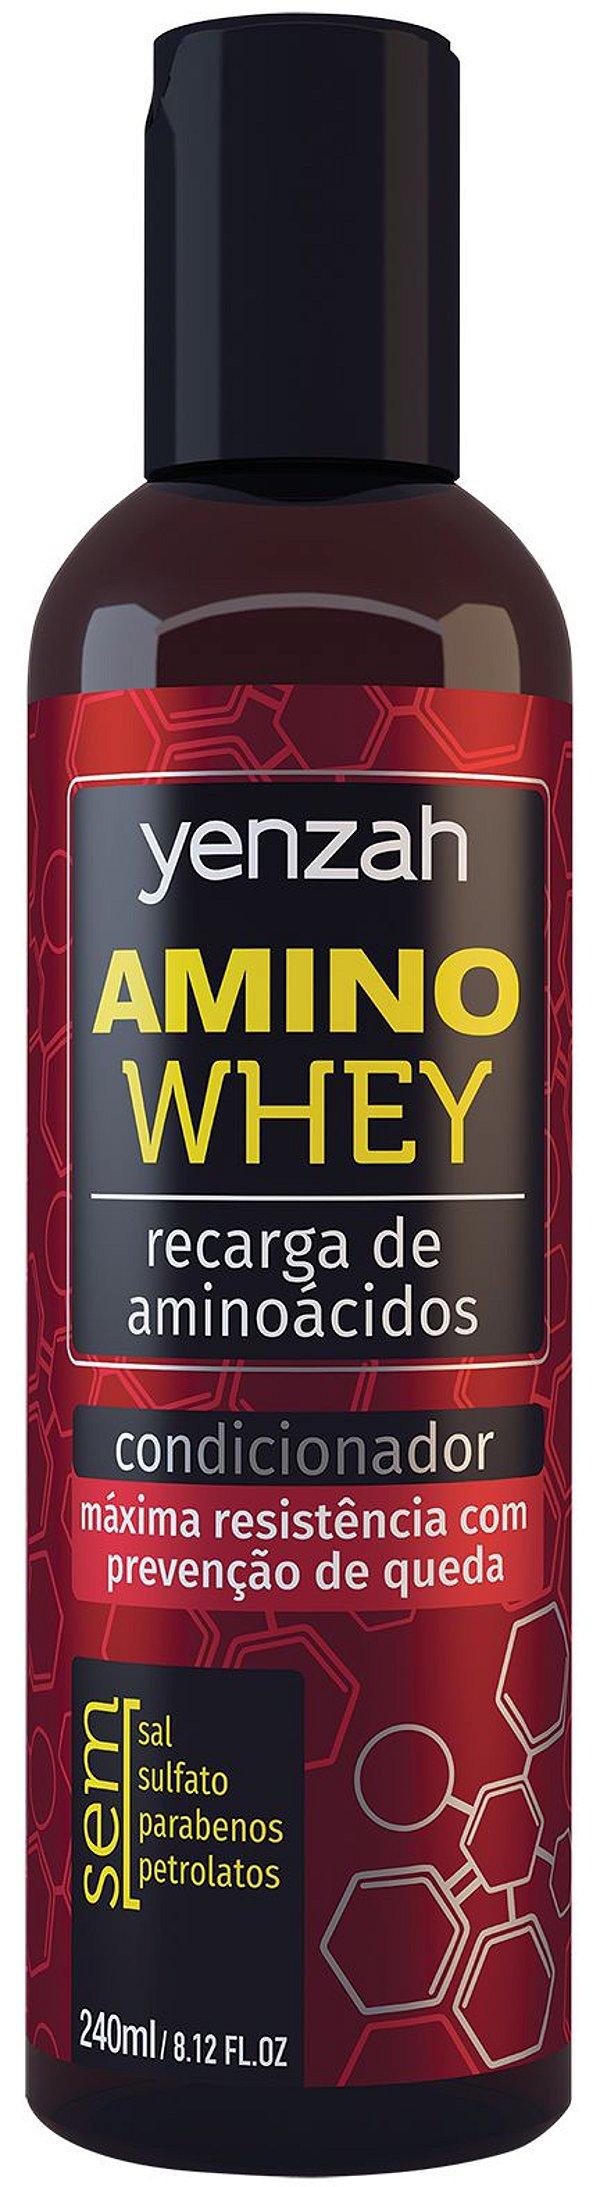 Amino Whey Condicionador 240ml - Yenzah